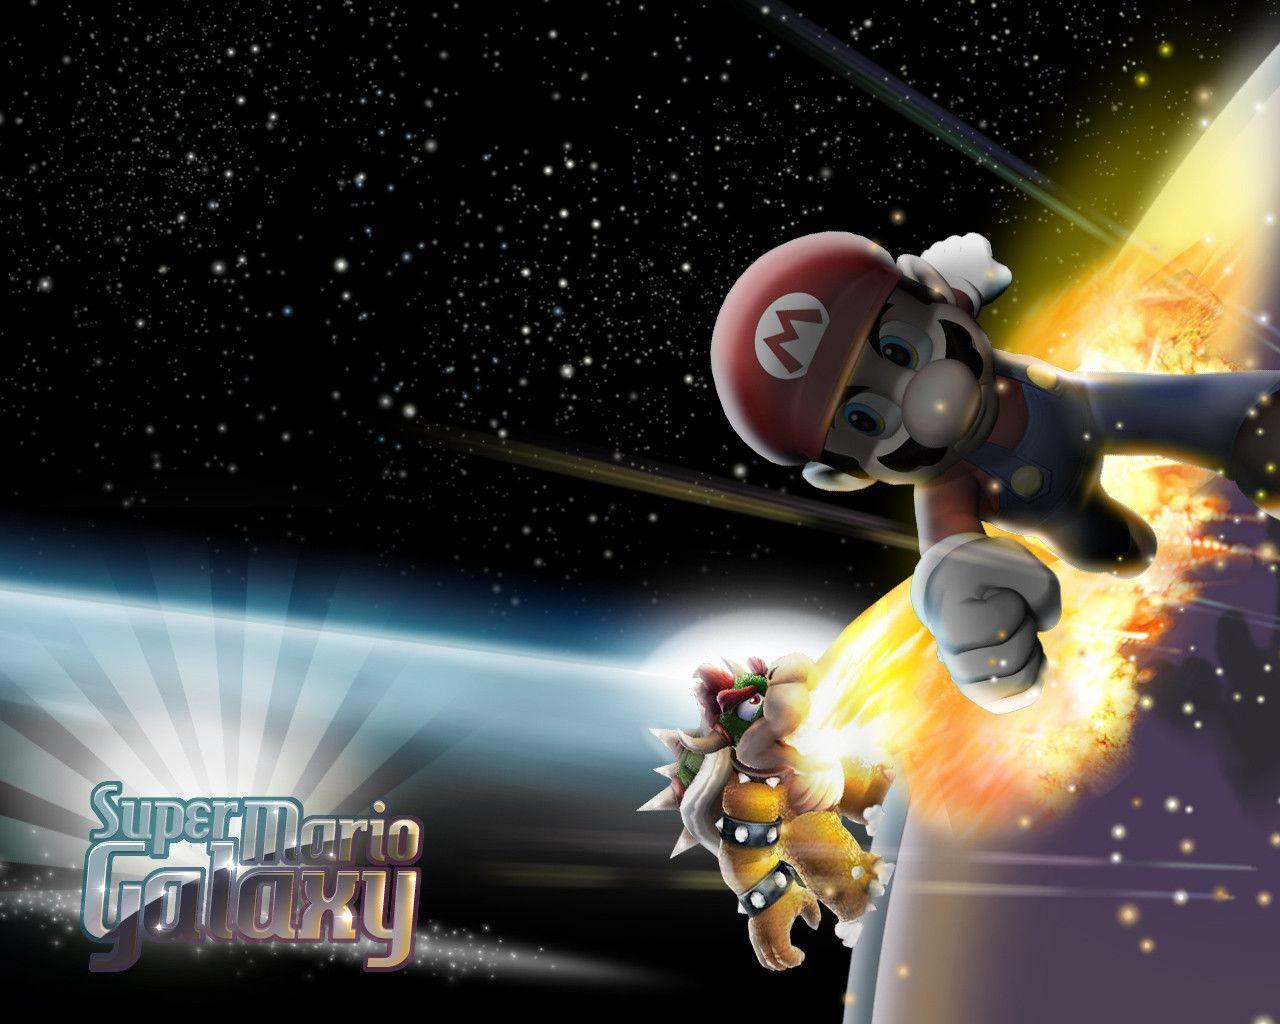 Super Cars Wallpaper Cave Super Mario Galaxy 2 Wallpapers Hd Wallpaper Cave